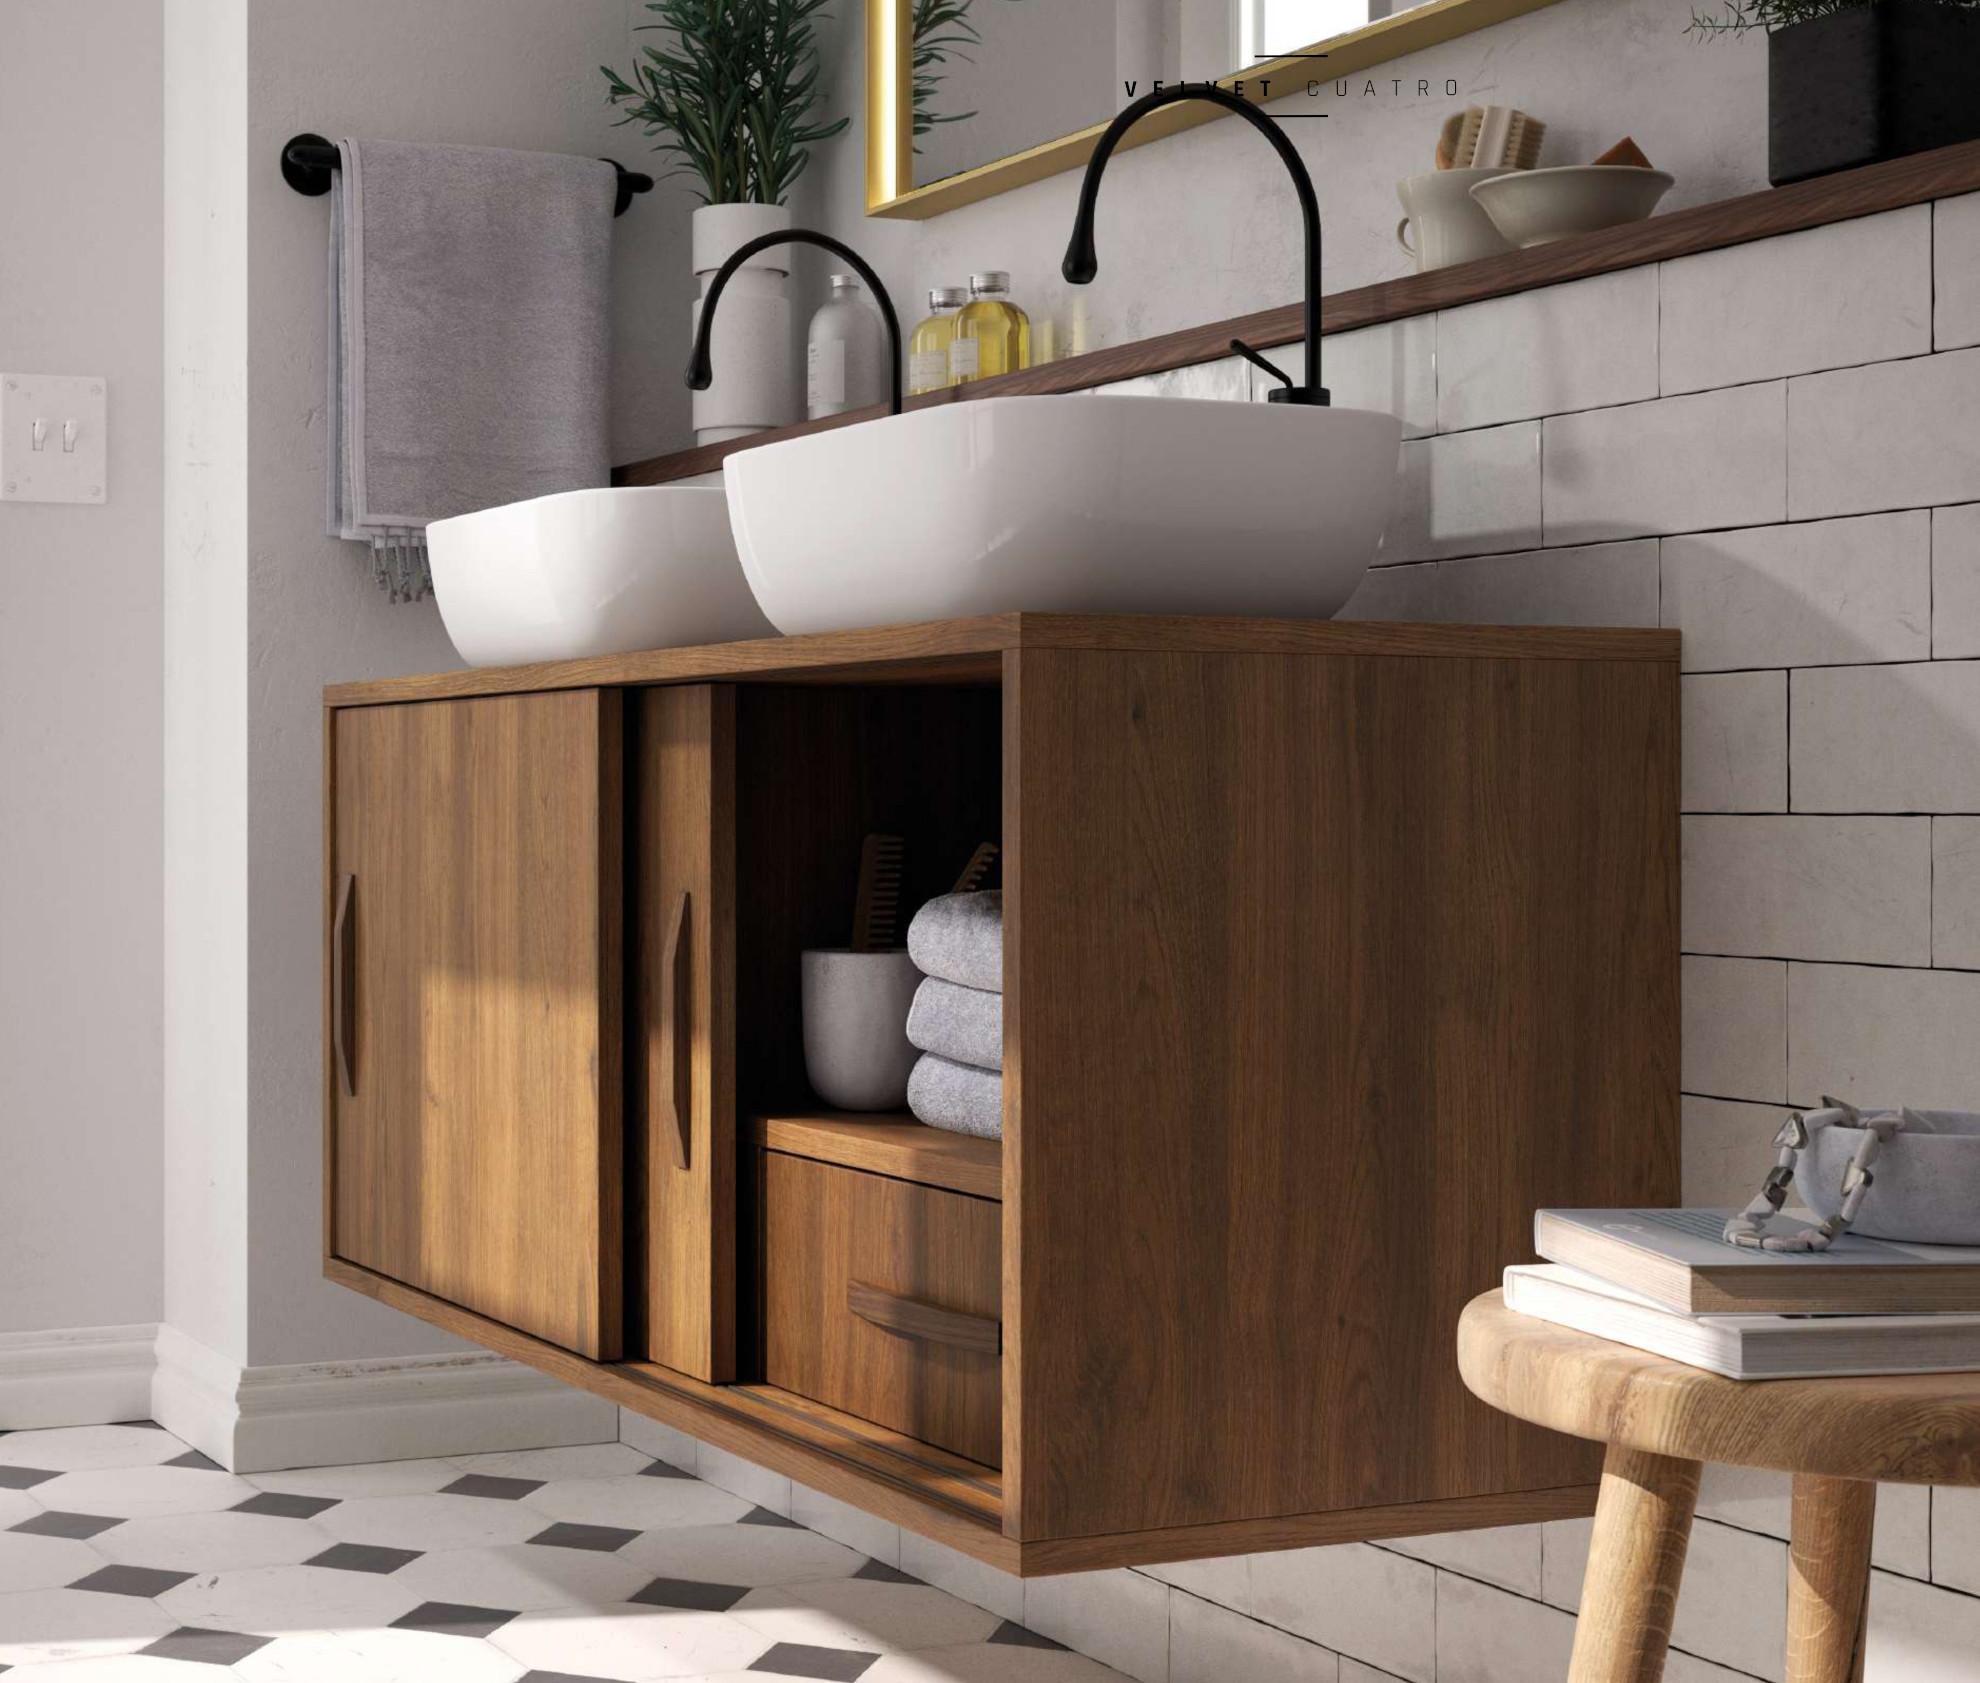 Muebles de baño Maderó Velvet_3